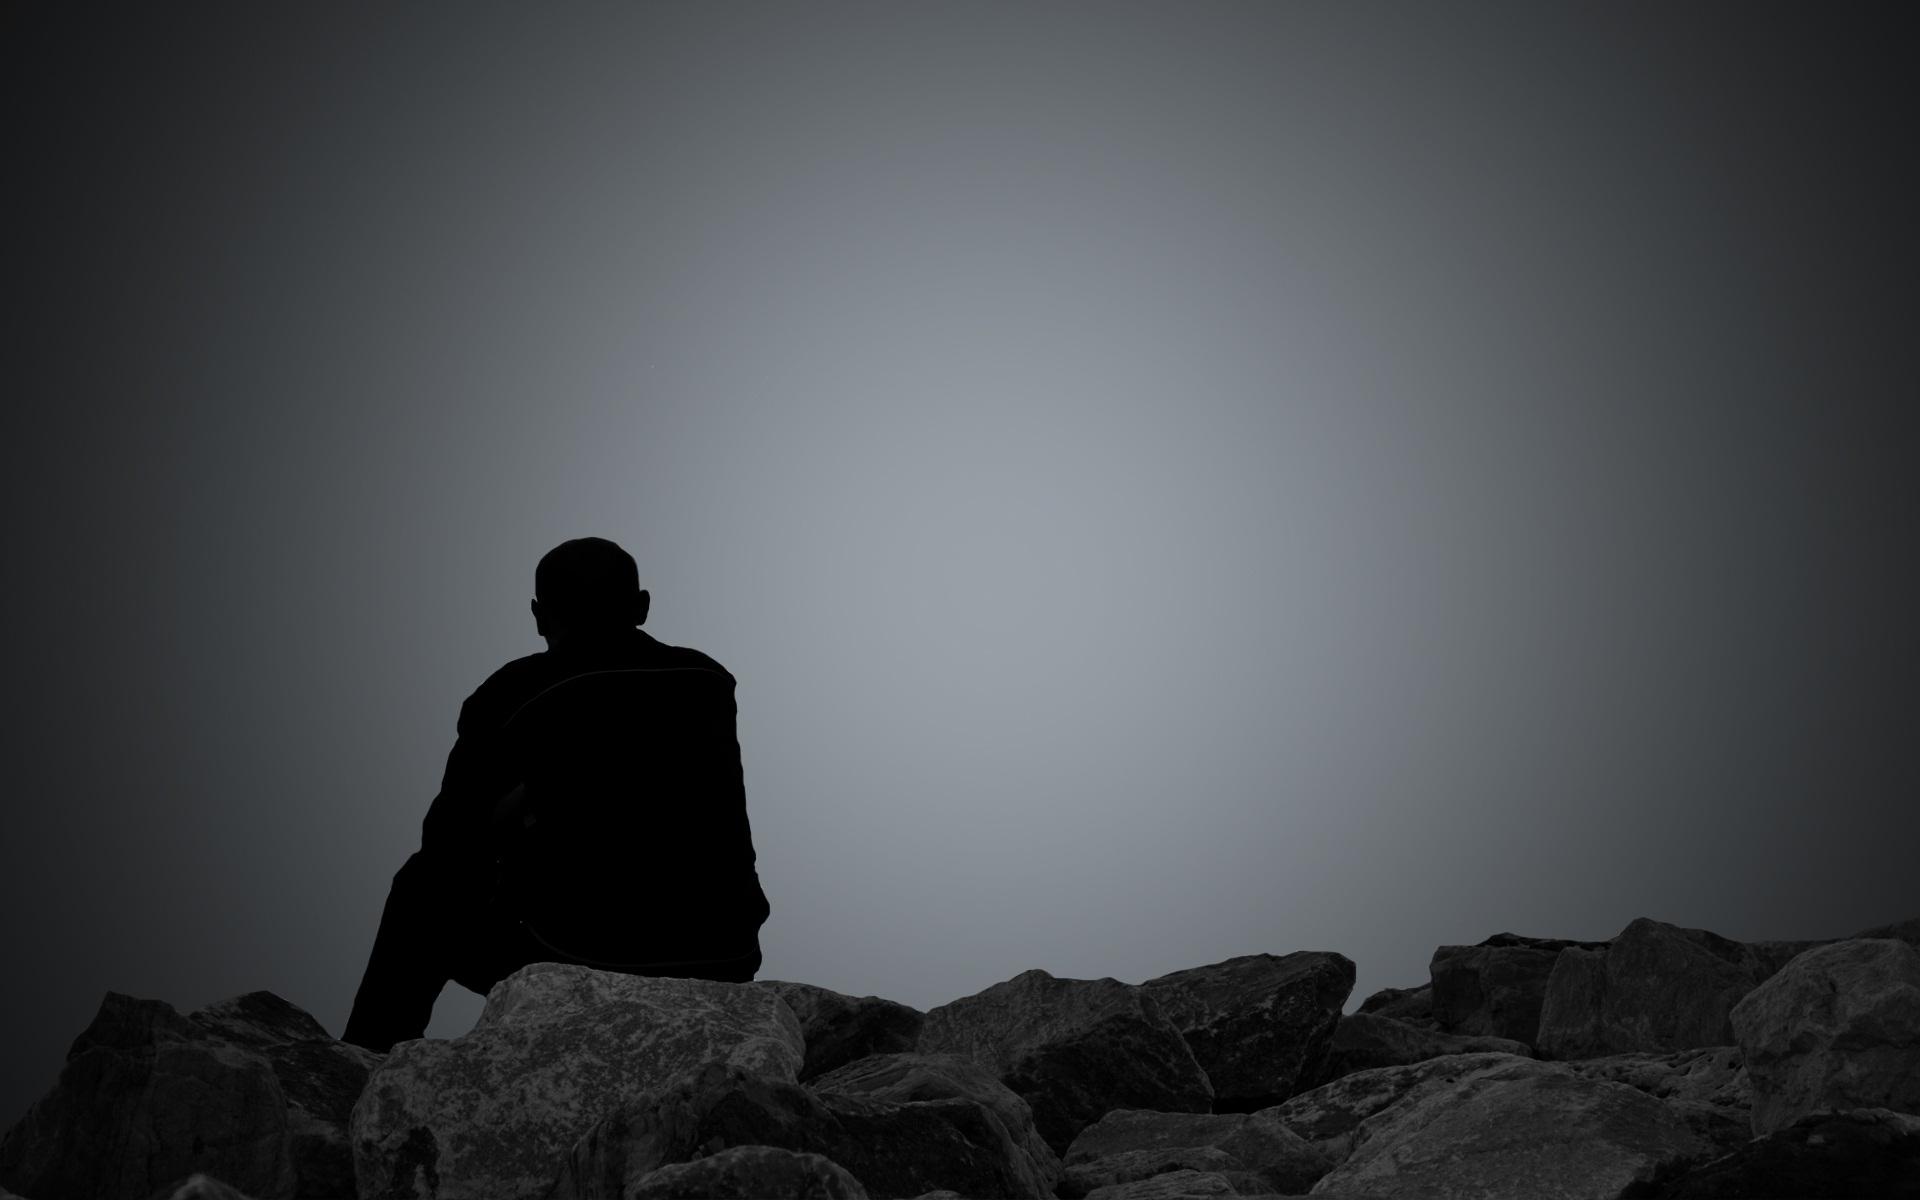 Hình ảnh con trai buồn cô đơn